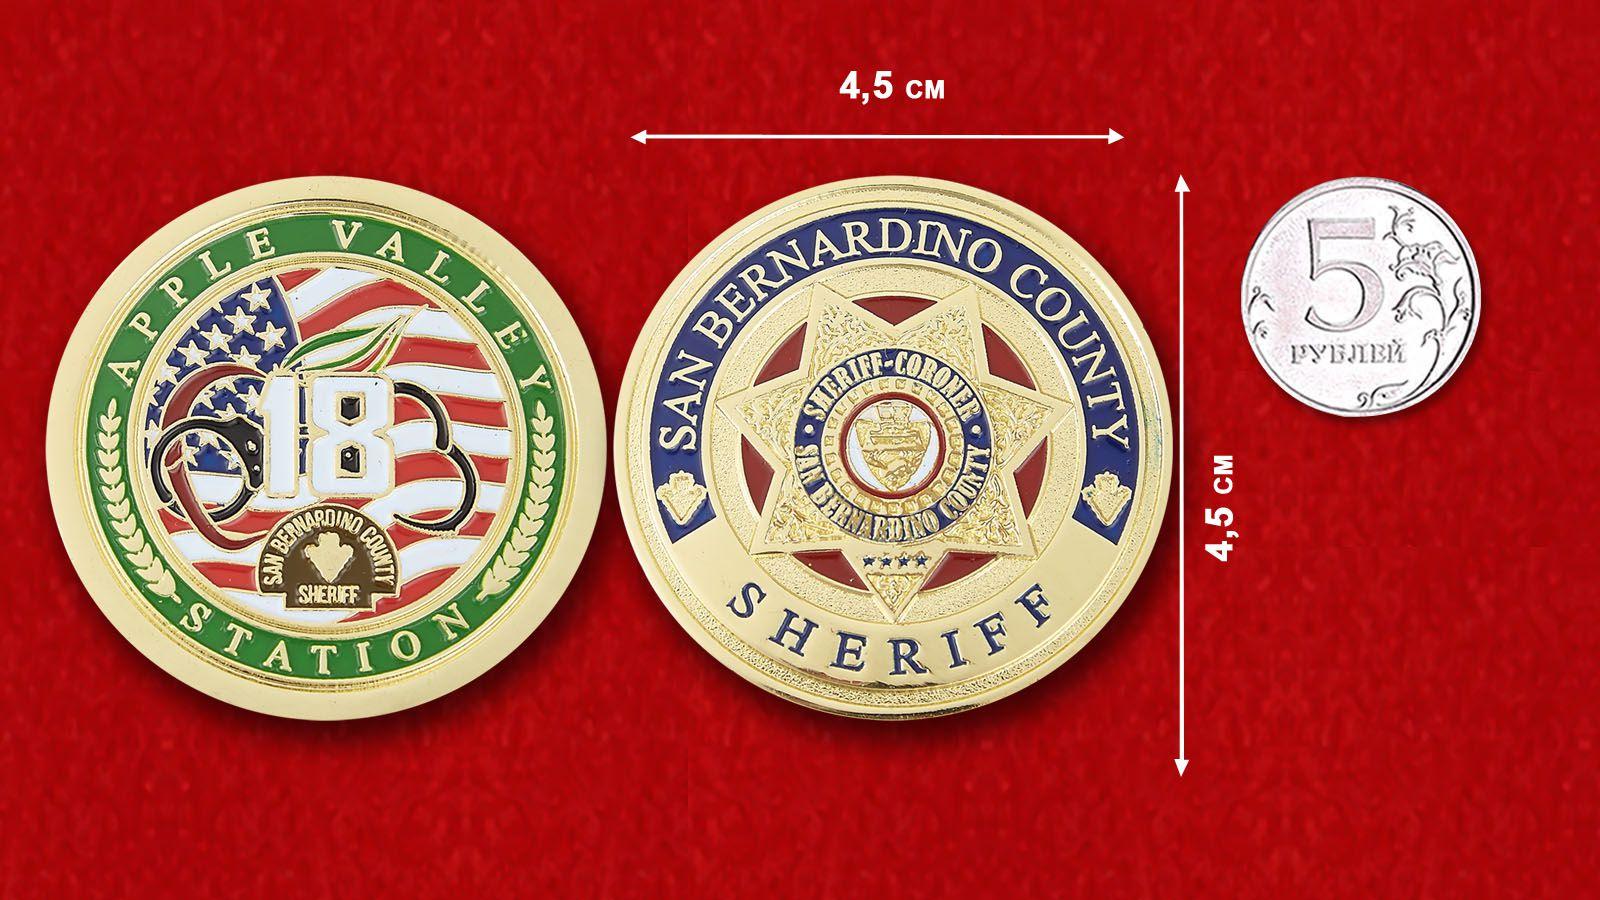 County Sheriff San - Bernardino Challenge Coin - comparative siz